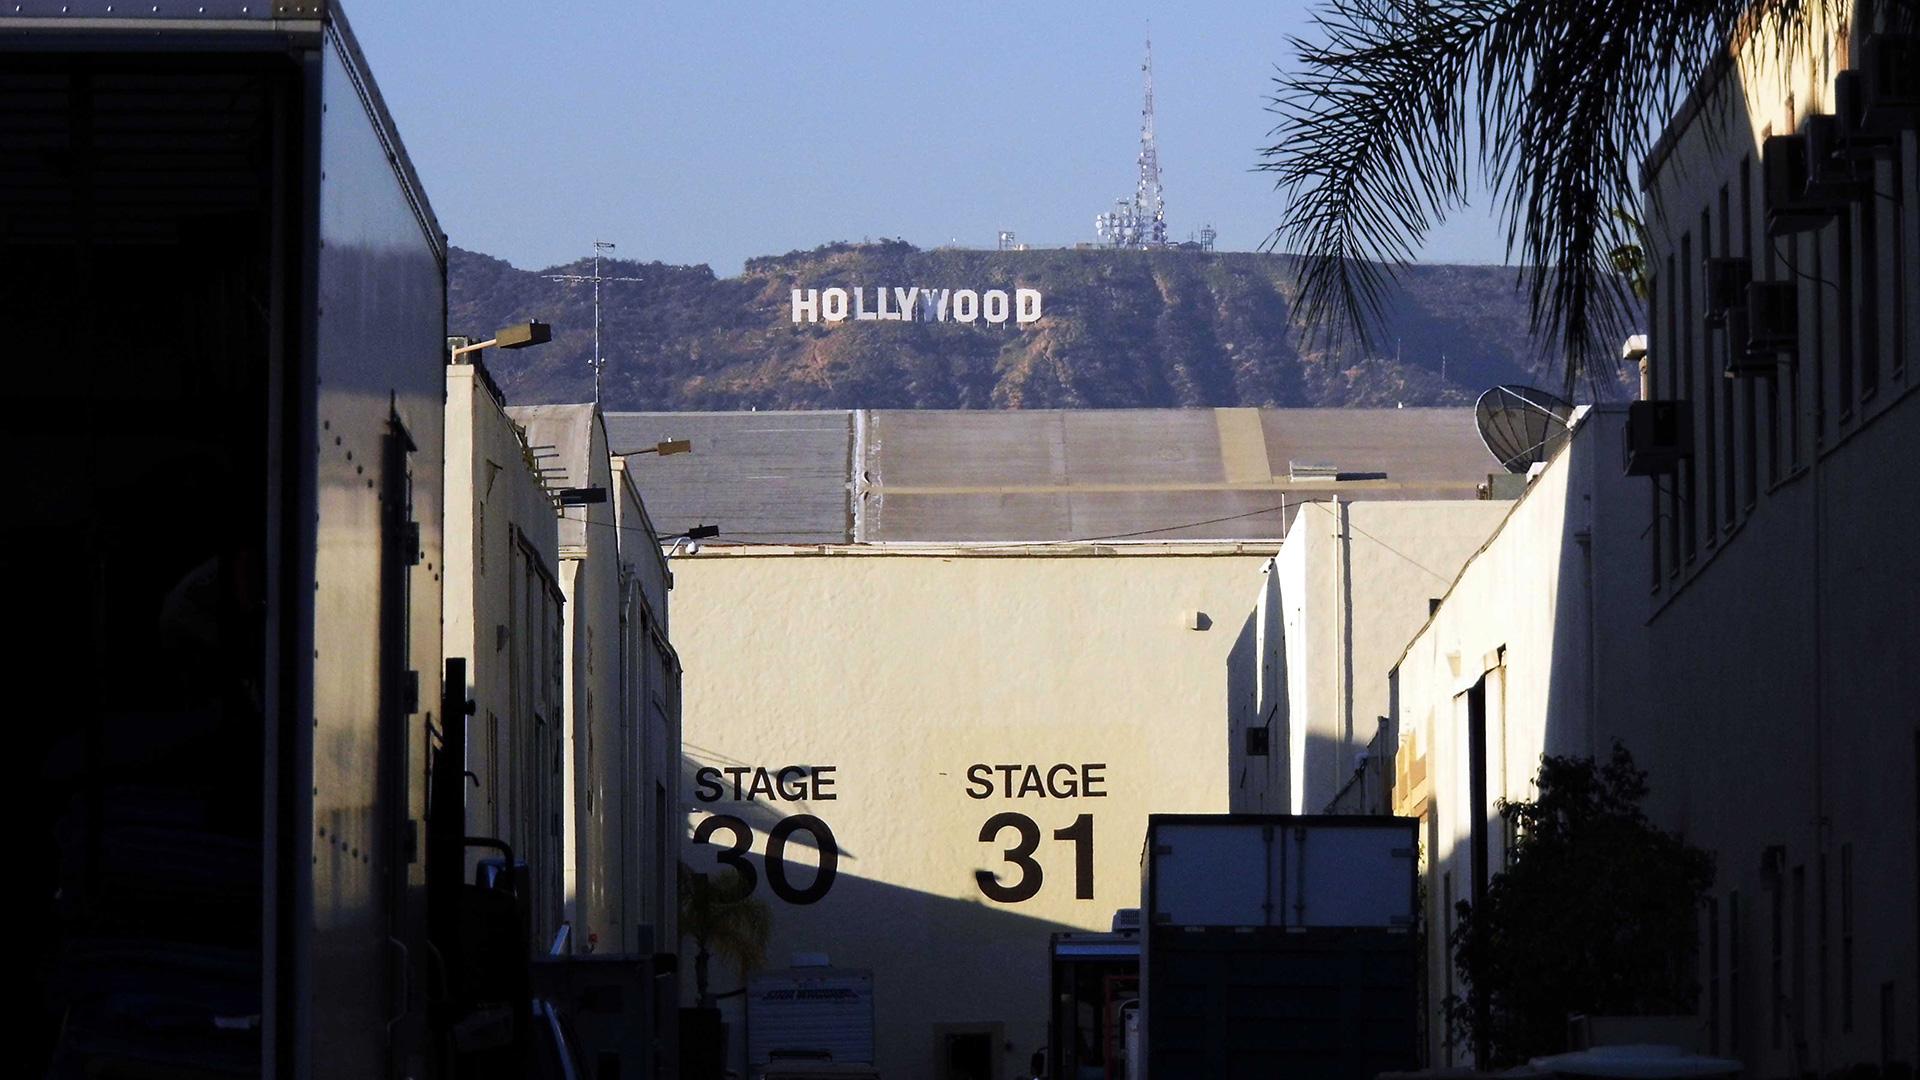 Paramount Pictures Studio Tour